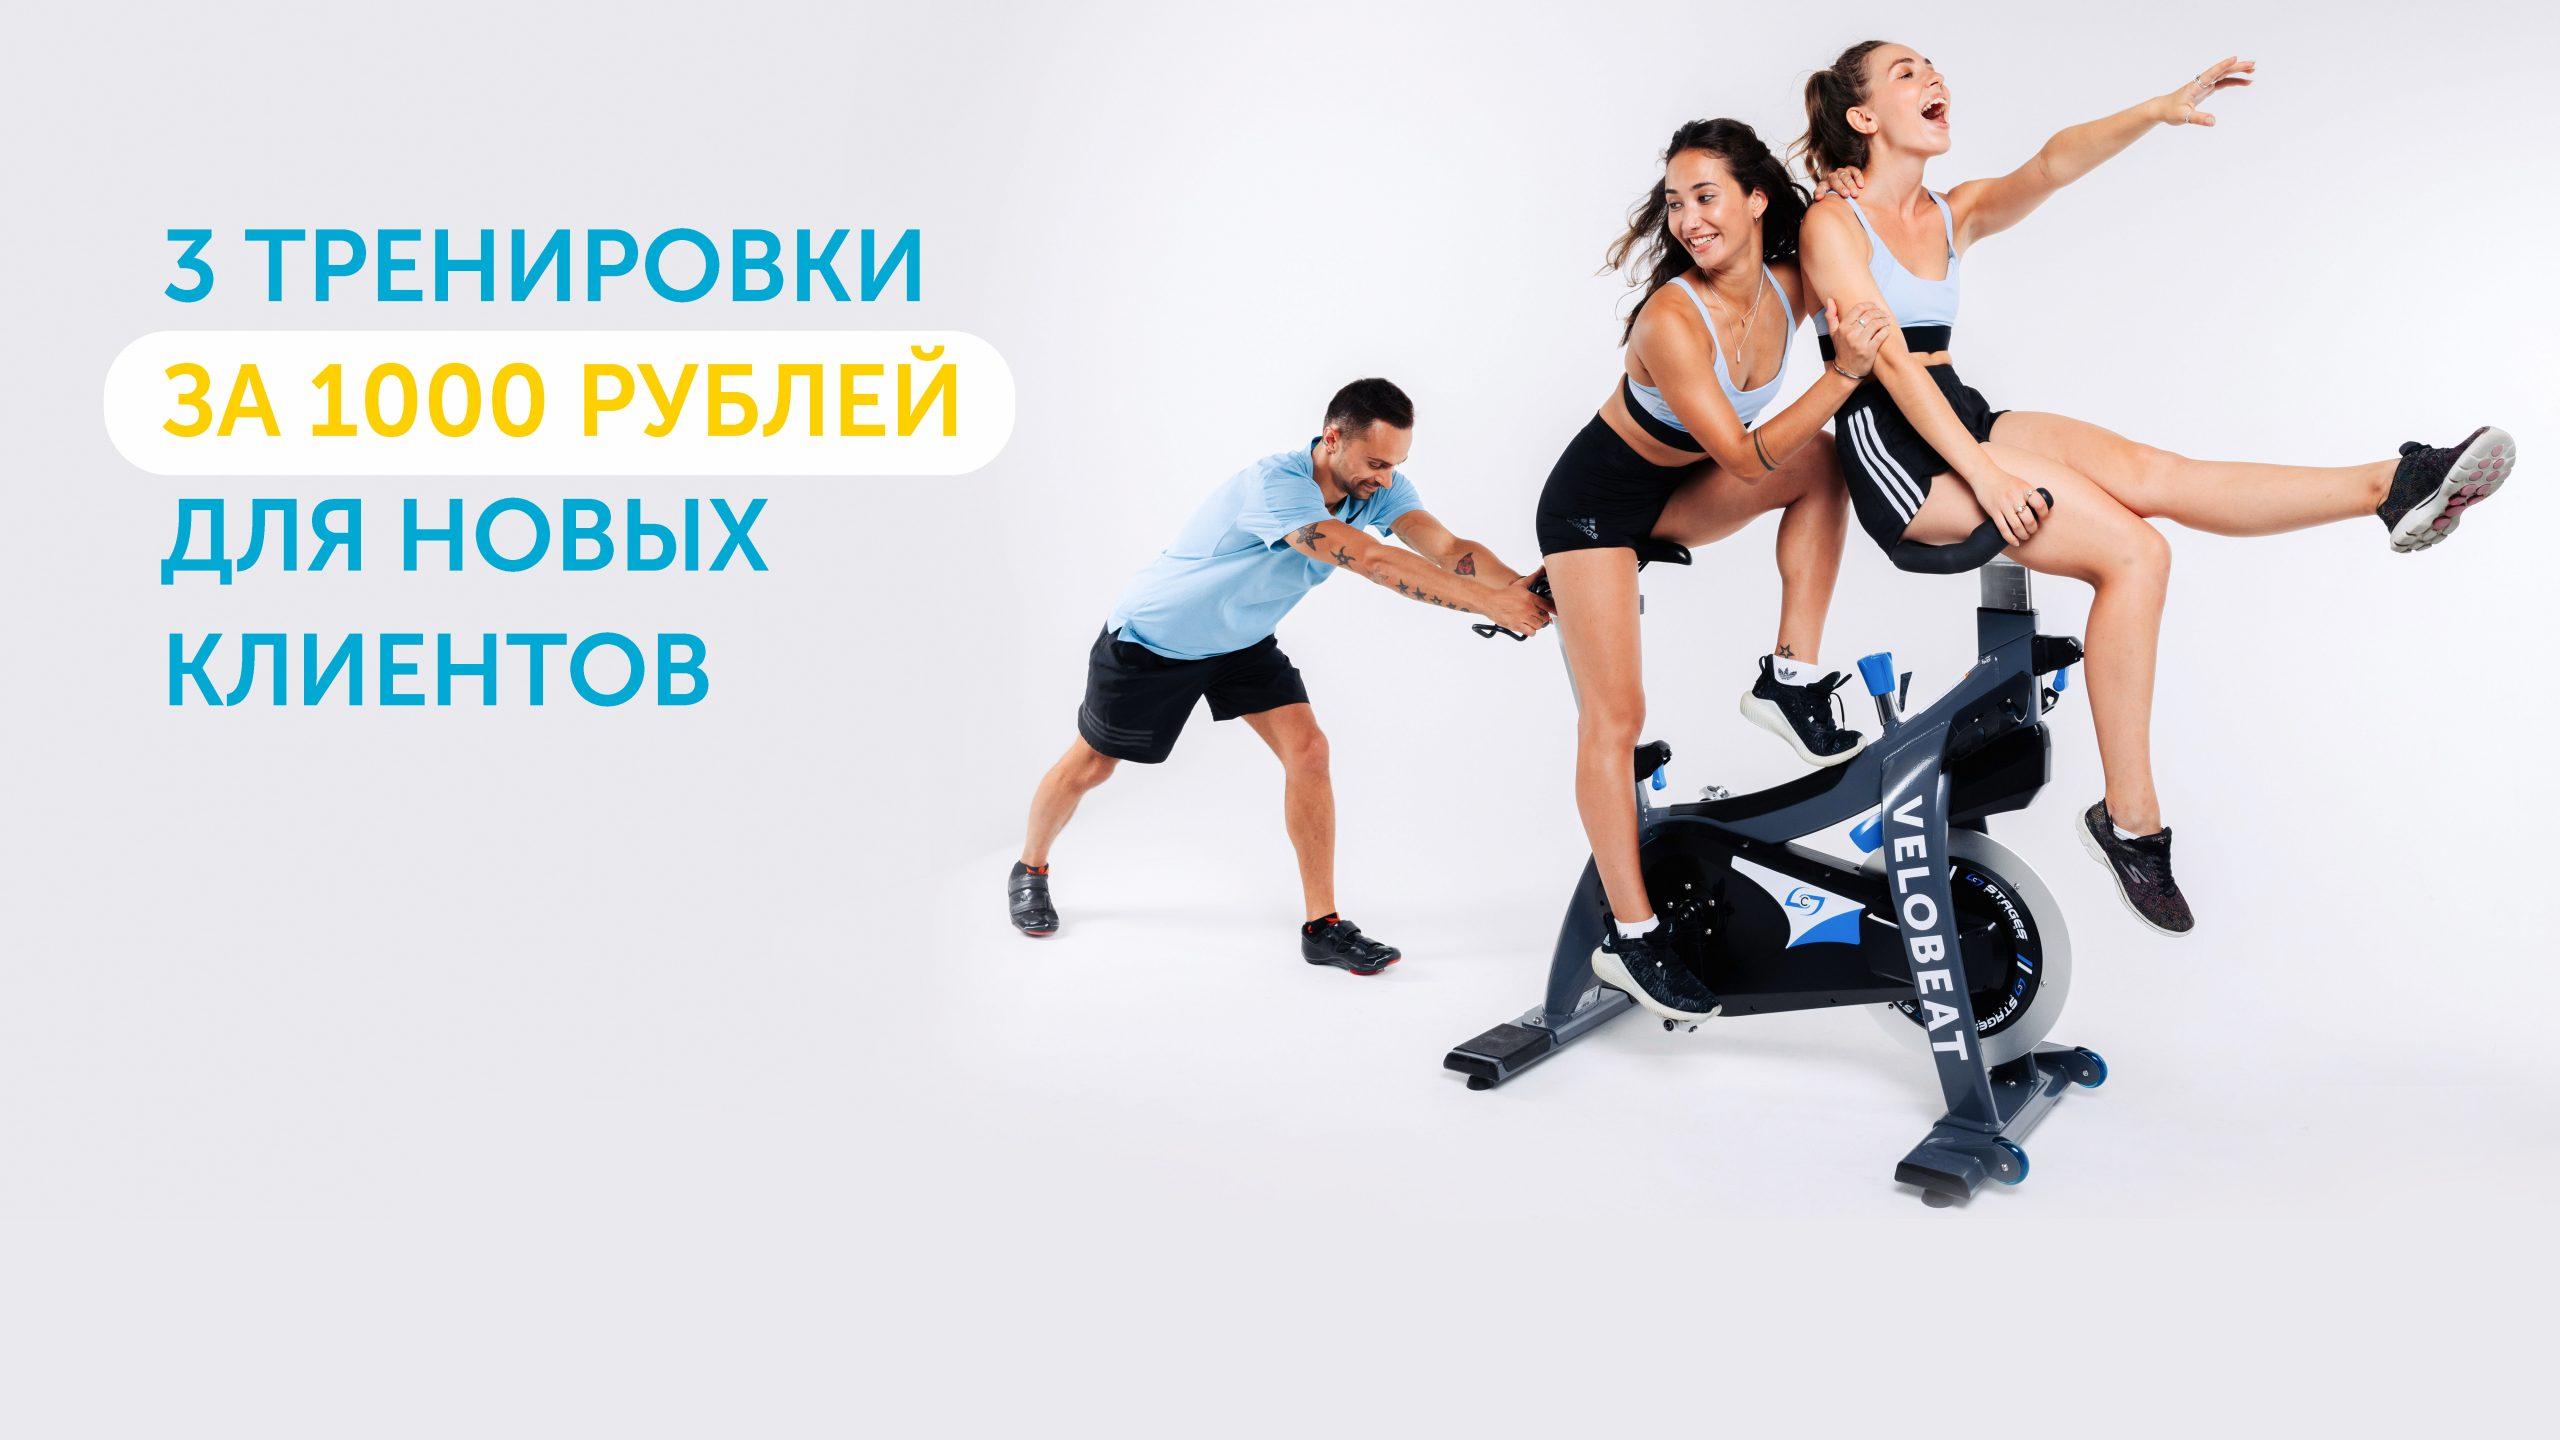 3 тренировки за 1000 рублей